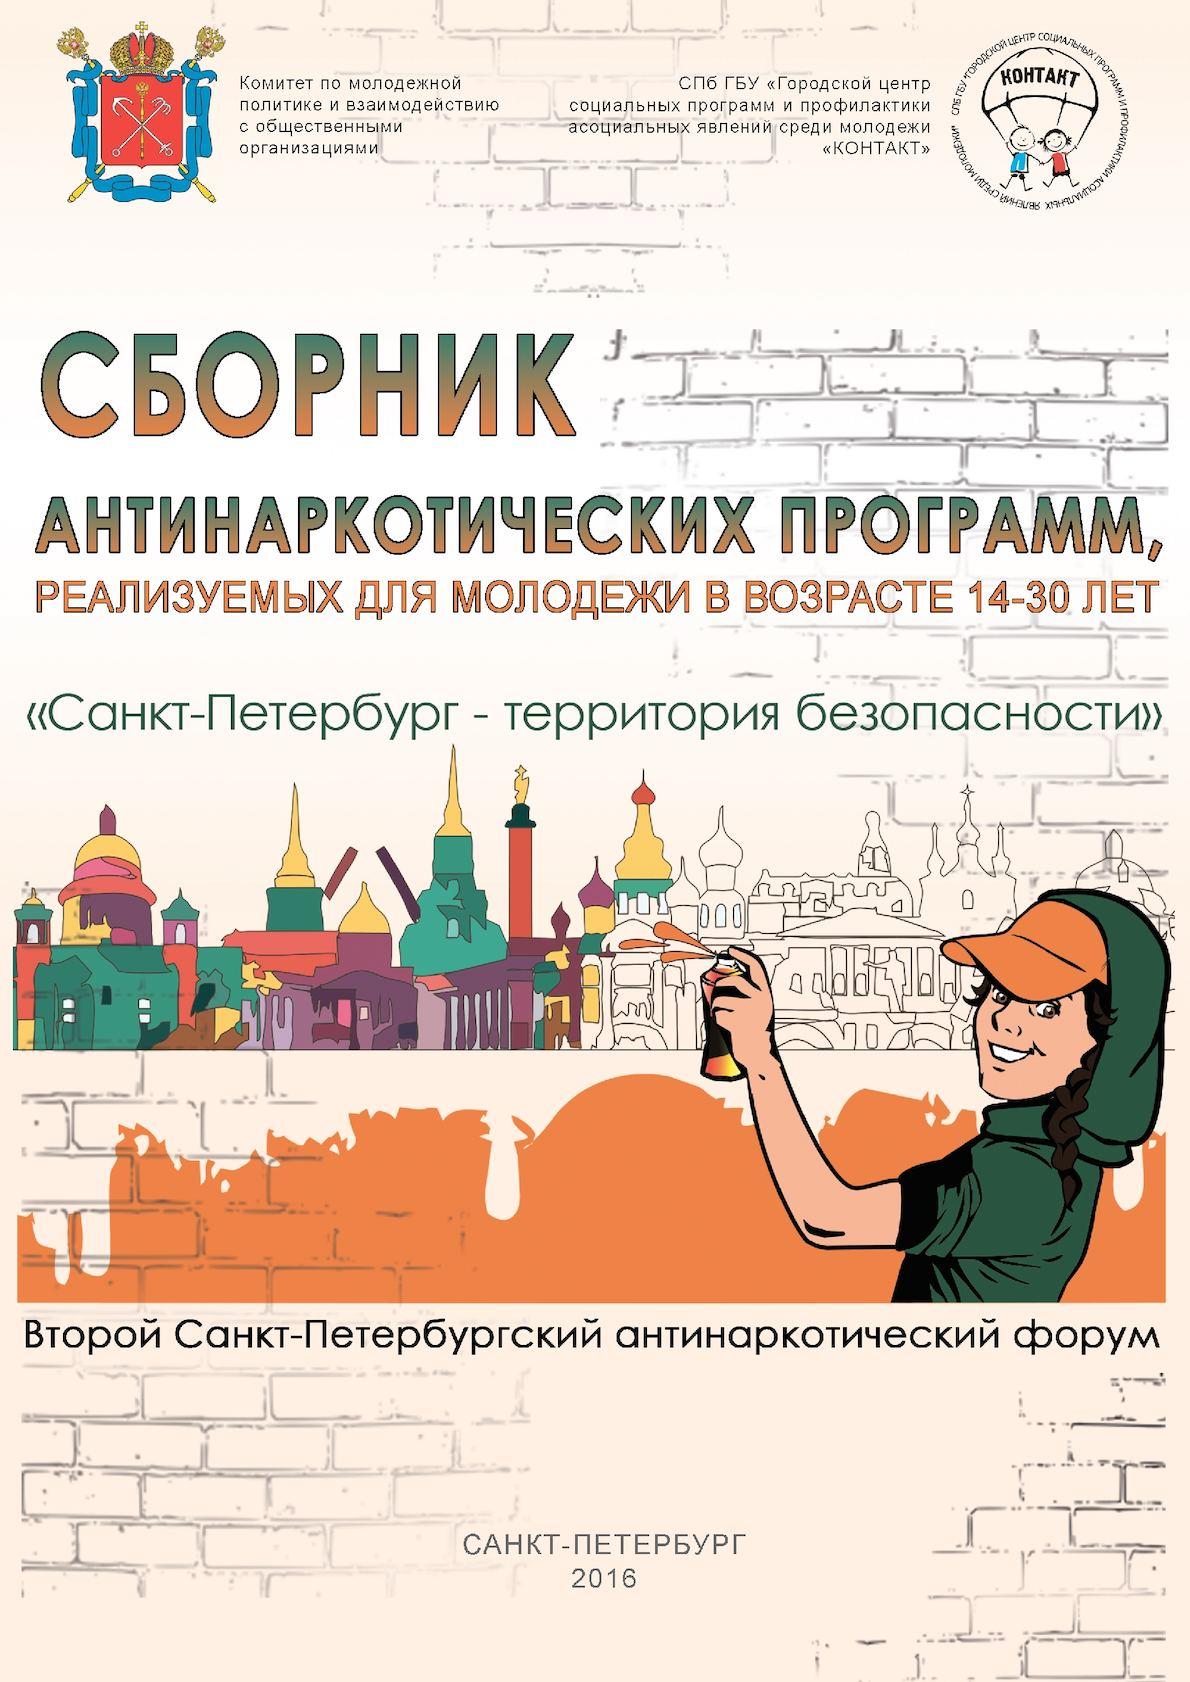 """Сборник антинаркотических программ, реализуемых для молодёжи в возрасте 14-30 лет """"Санкт-Петербург - территория безопасности"""""""